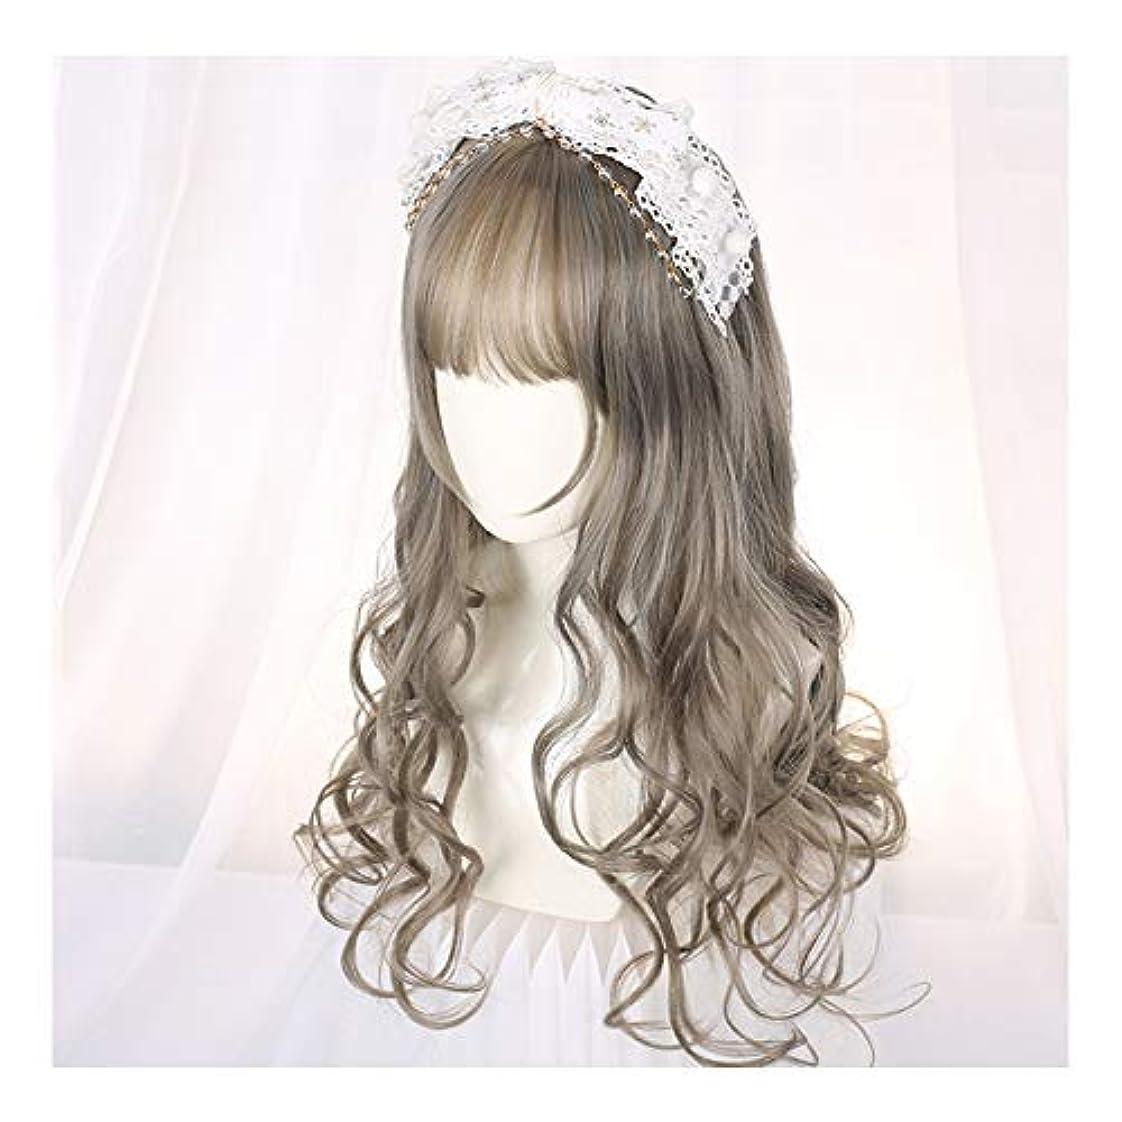 うつ悪性の勧告女性向け仮装/モノカラーウィッグアニメセレスタイル,White